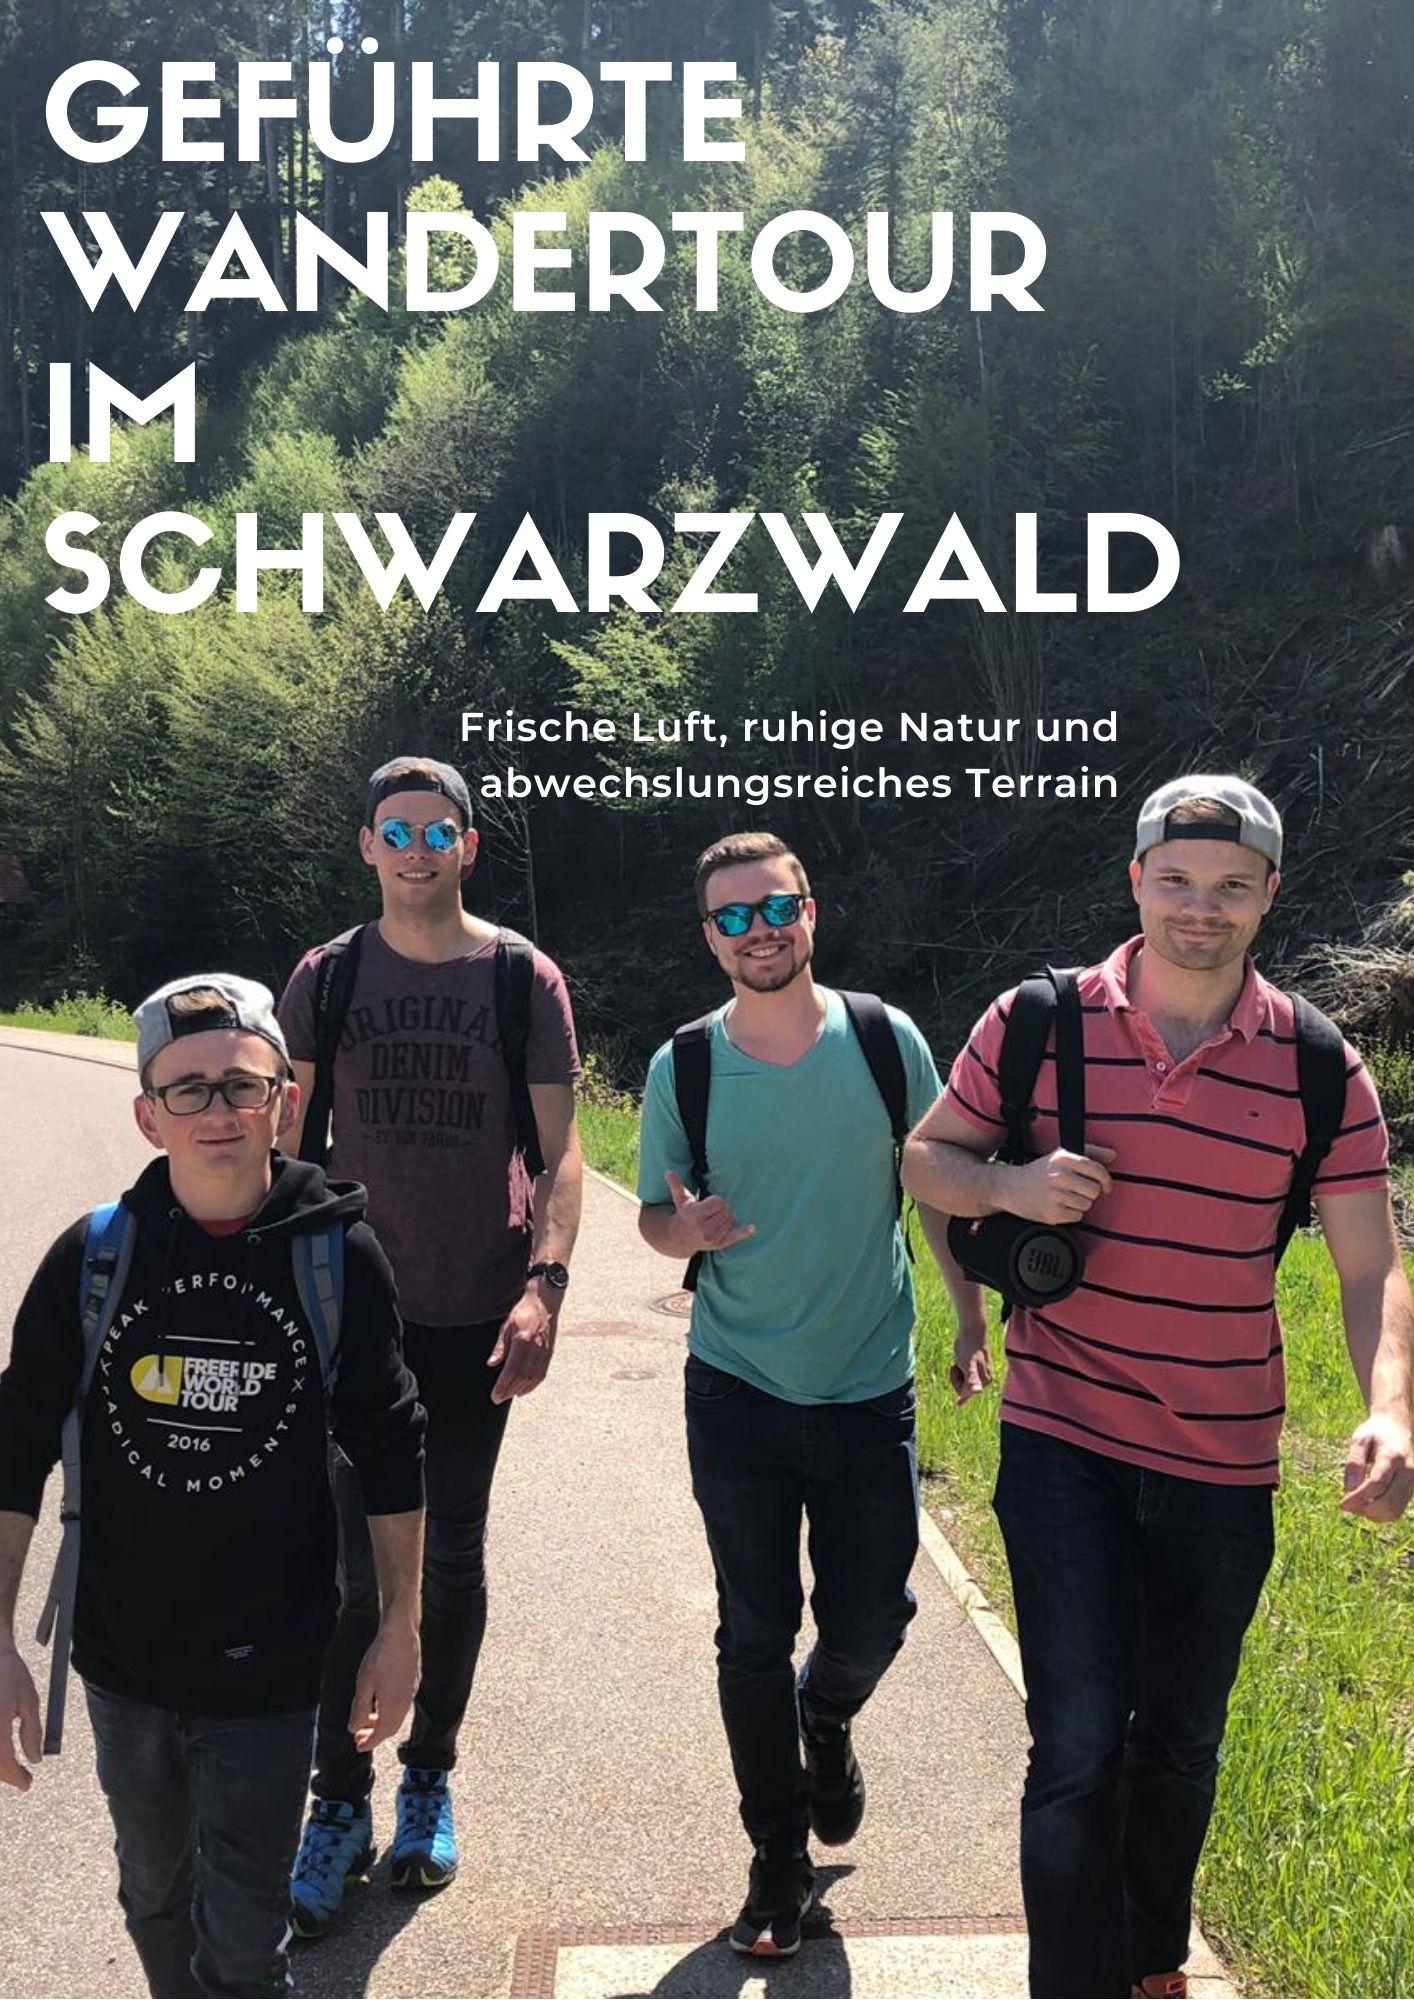 Geführte Wandertour im Schwarzwald